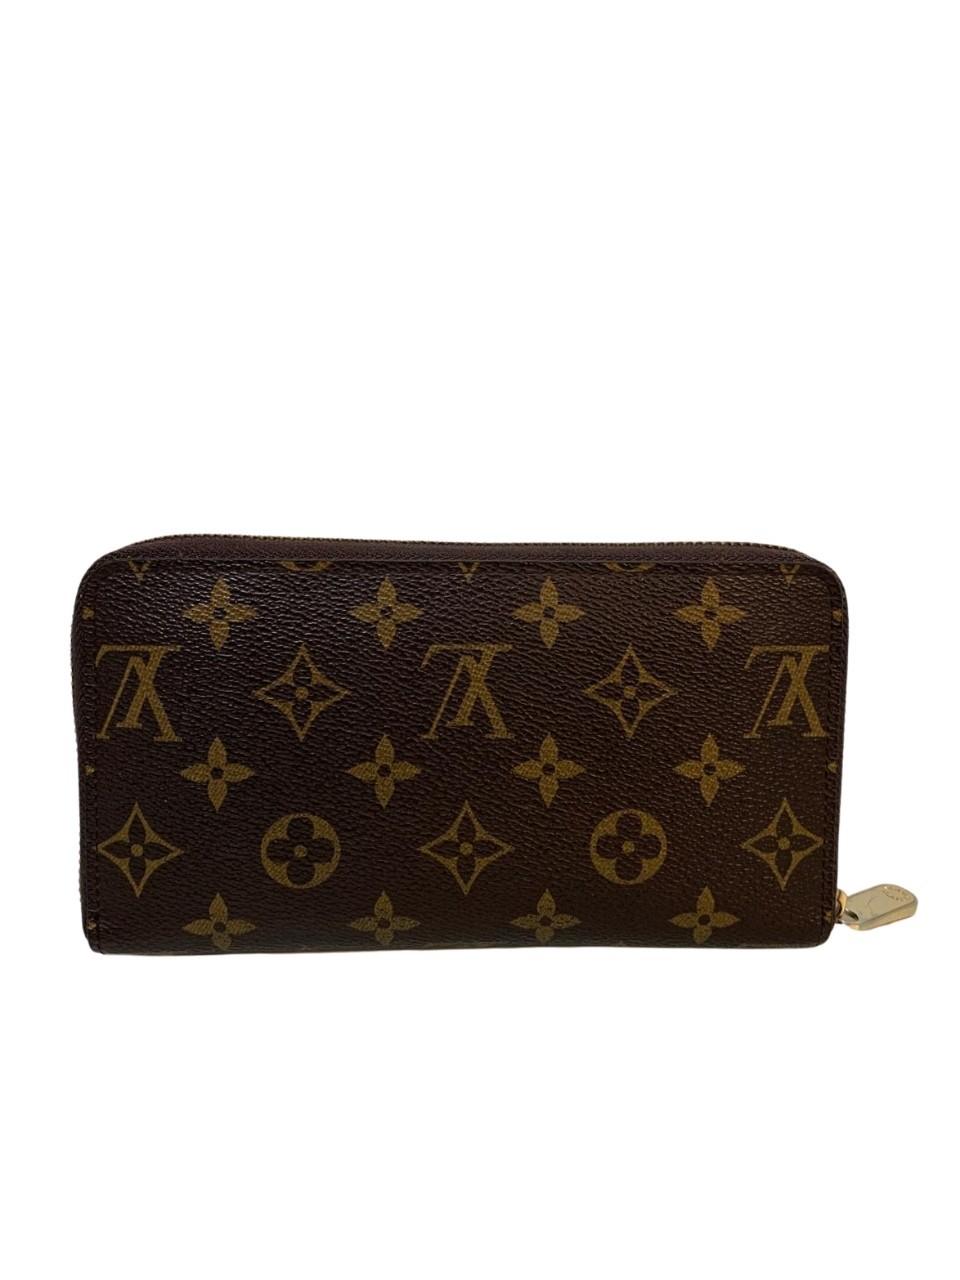 Carteira Louis Vuitton Zippy